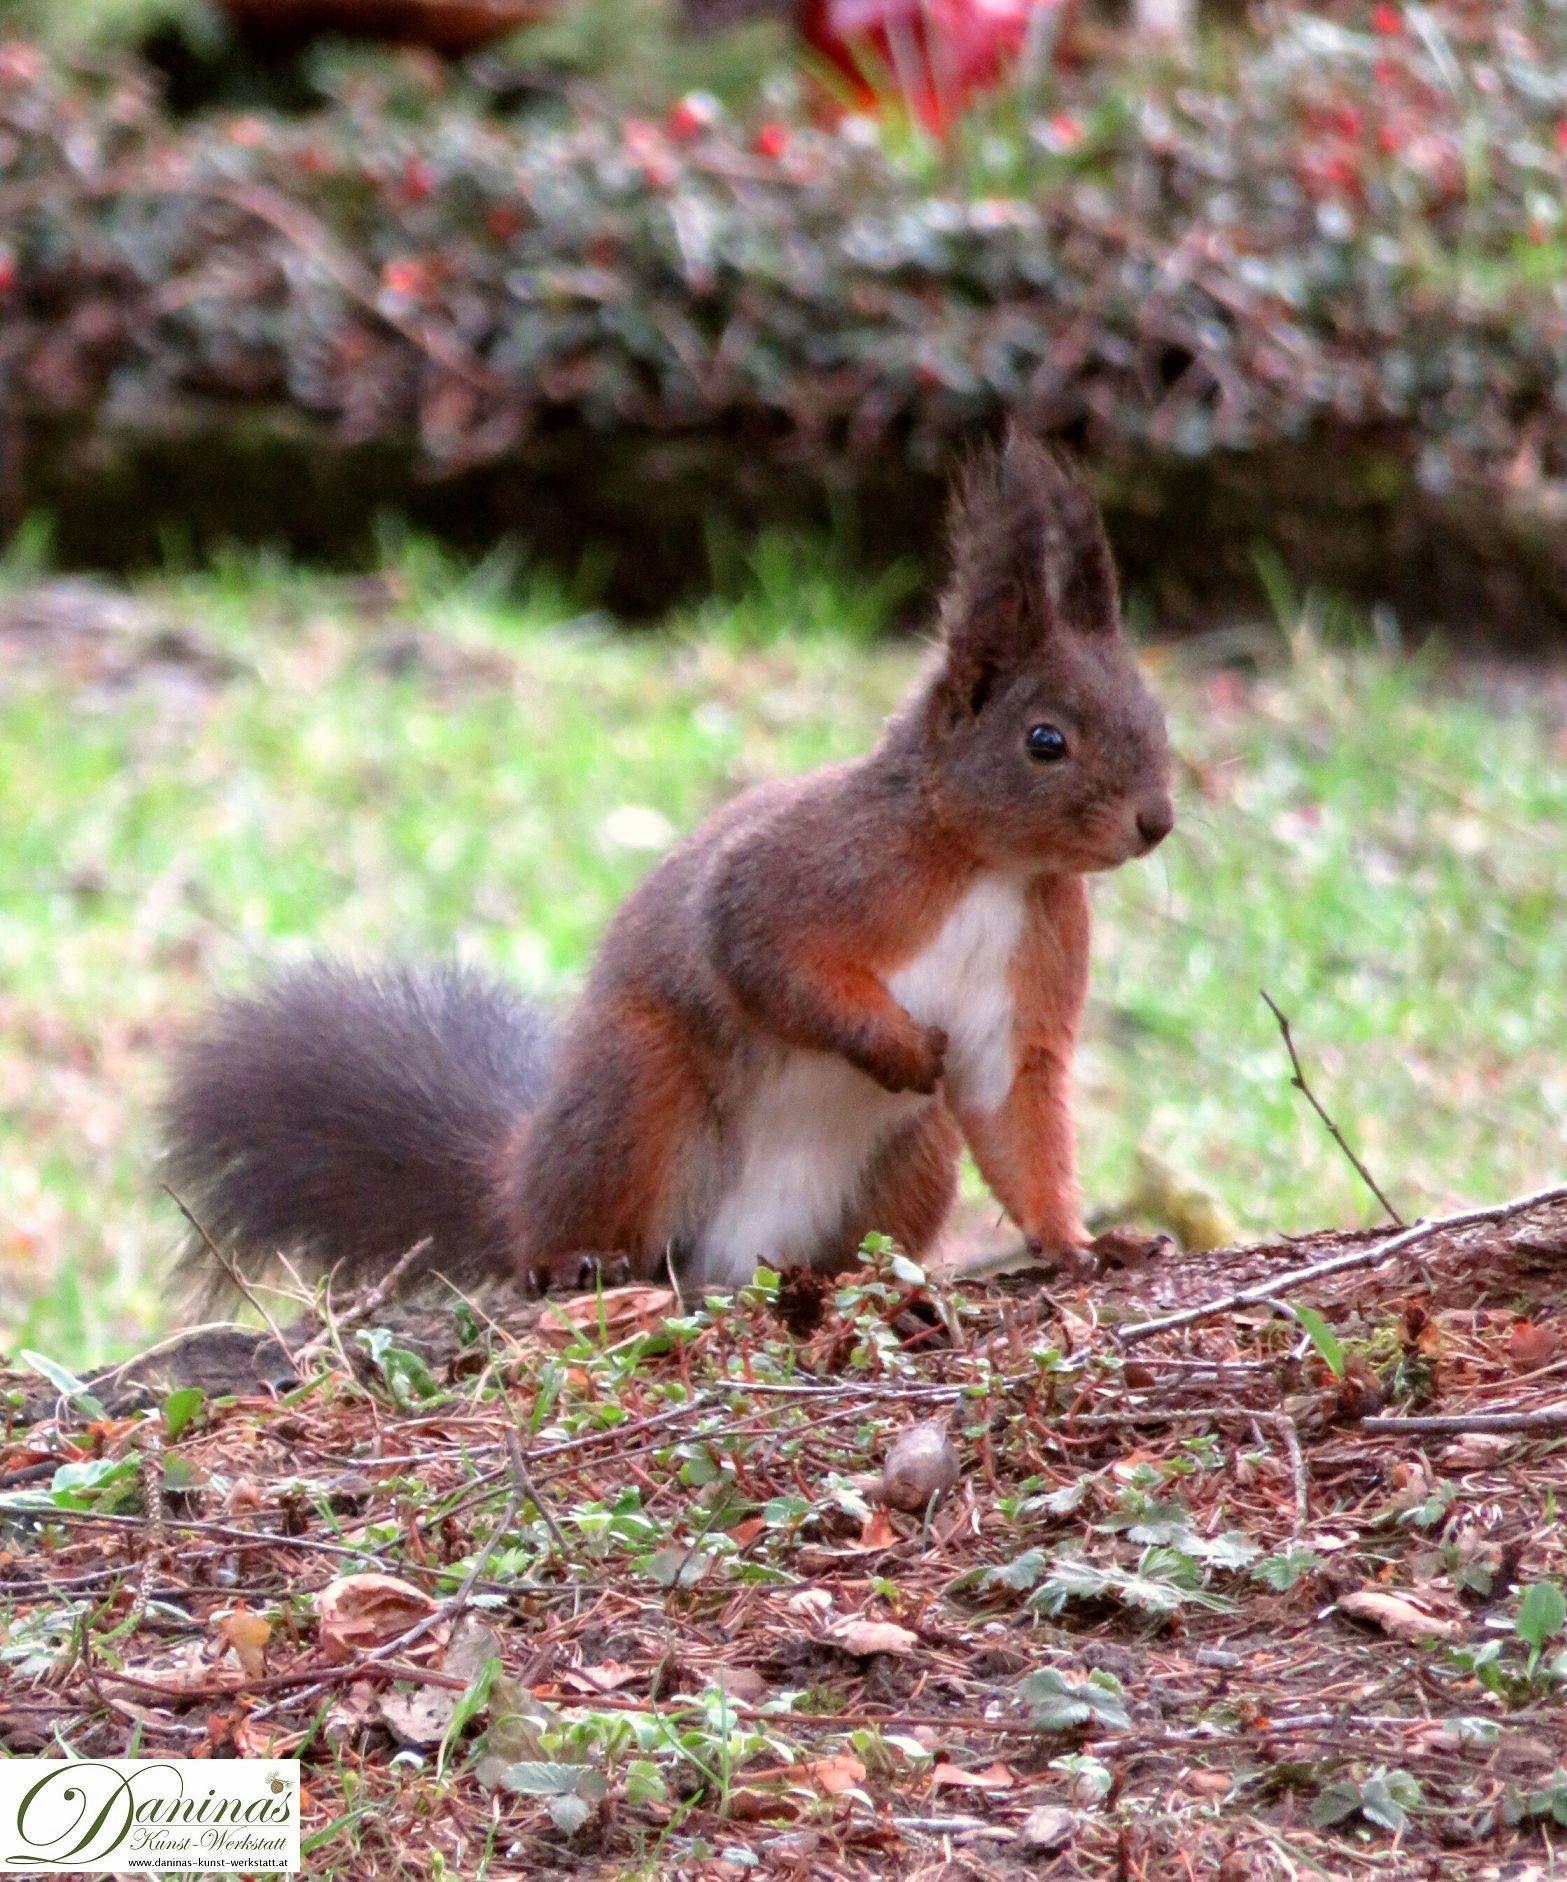 eichhörnchen im garten  eichhörnchen eichhörnchen bilder